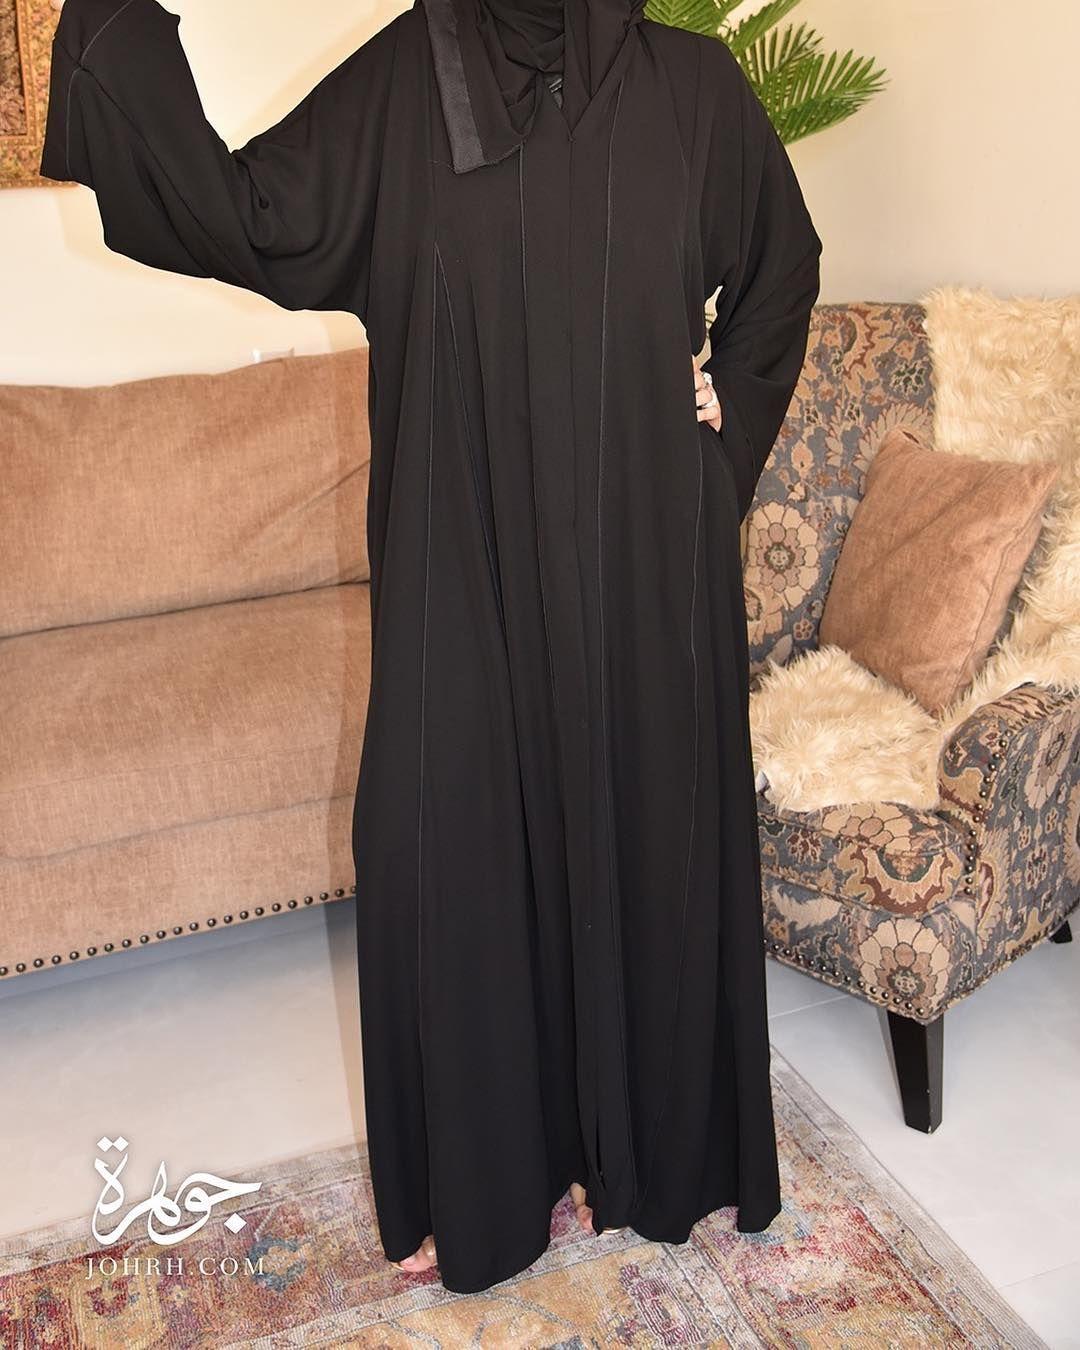 عباءة من قماش البلاك البيري الذي يتميز بخفته مع قصة كم واسعة وتأتي العباءة بكسرتين كلوش من الأمام والخلف كما أنها Fashion Cold Shoulder Dress Long Sleeve Dress